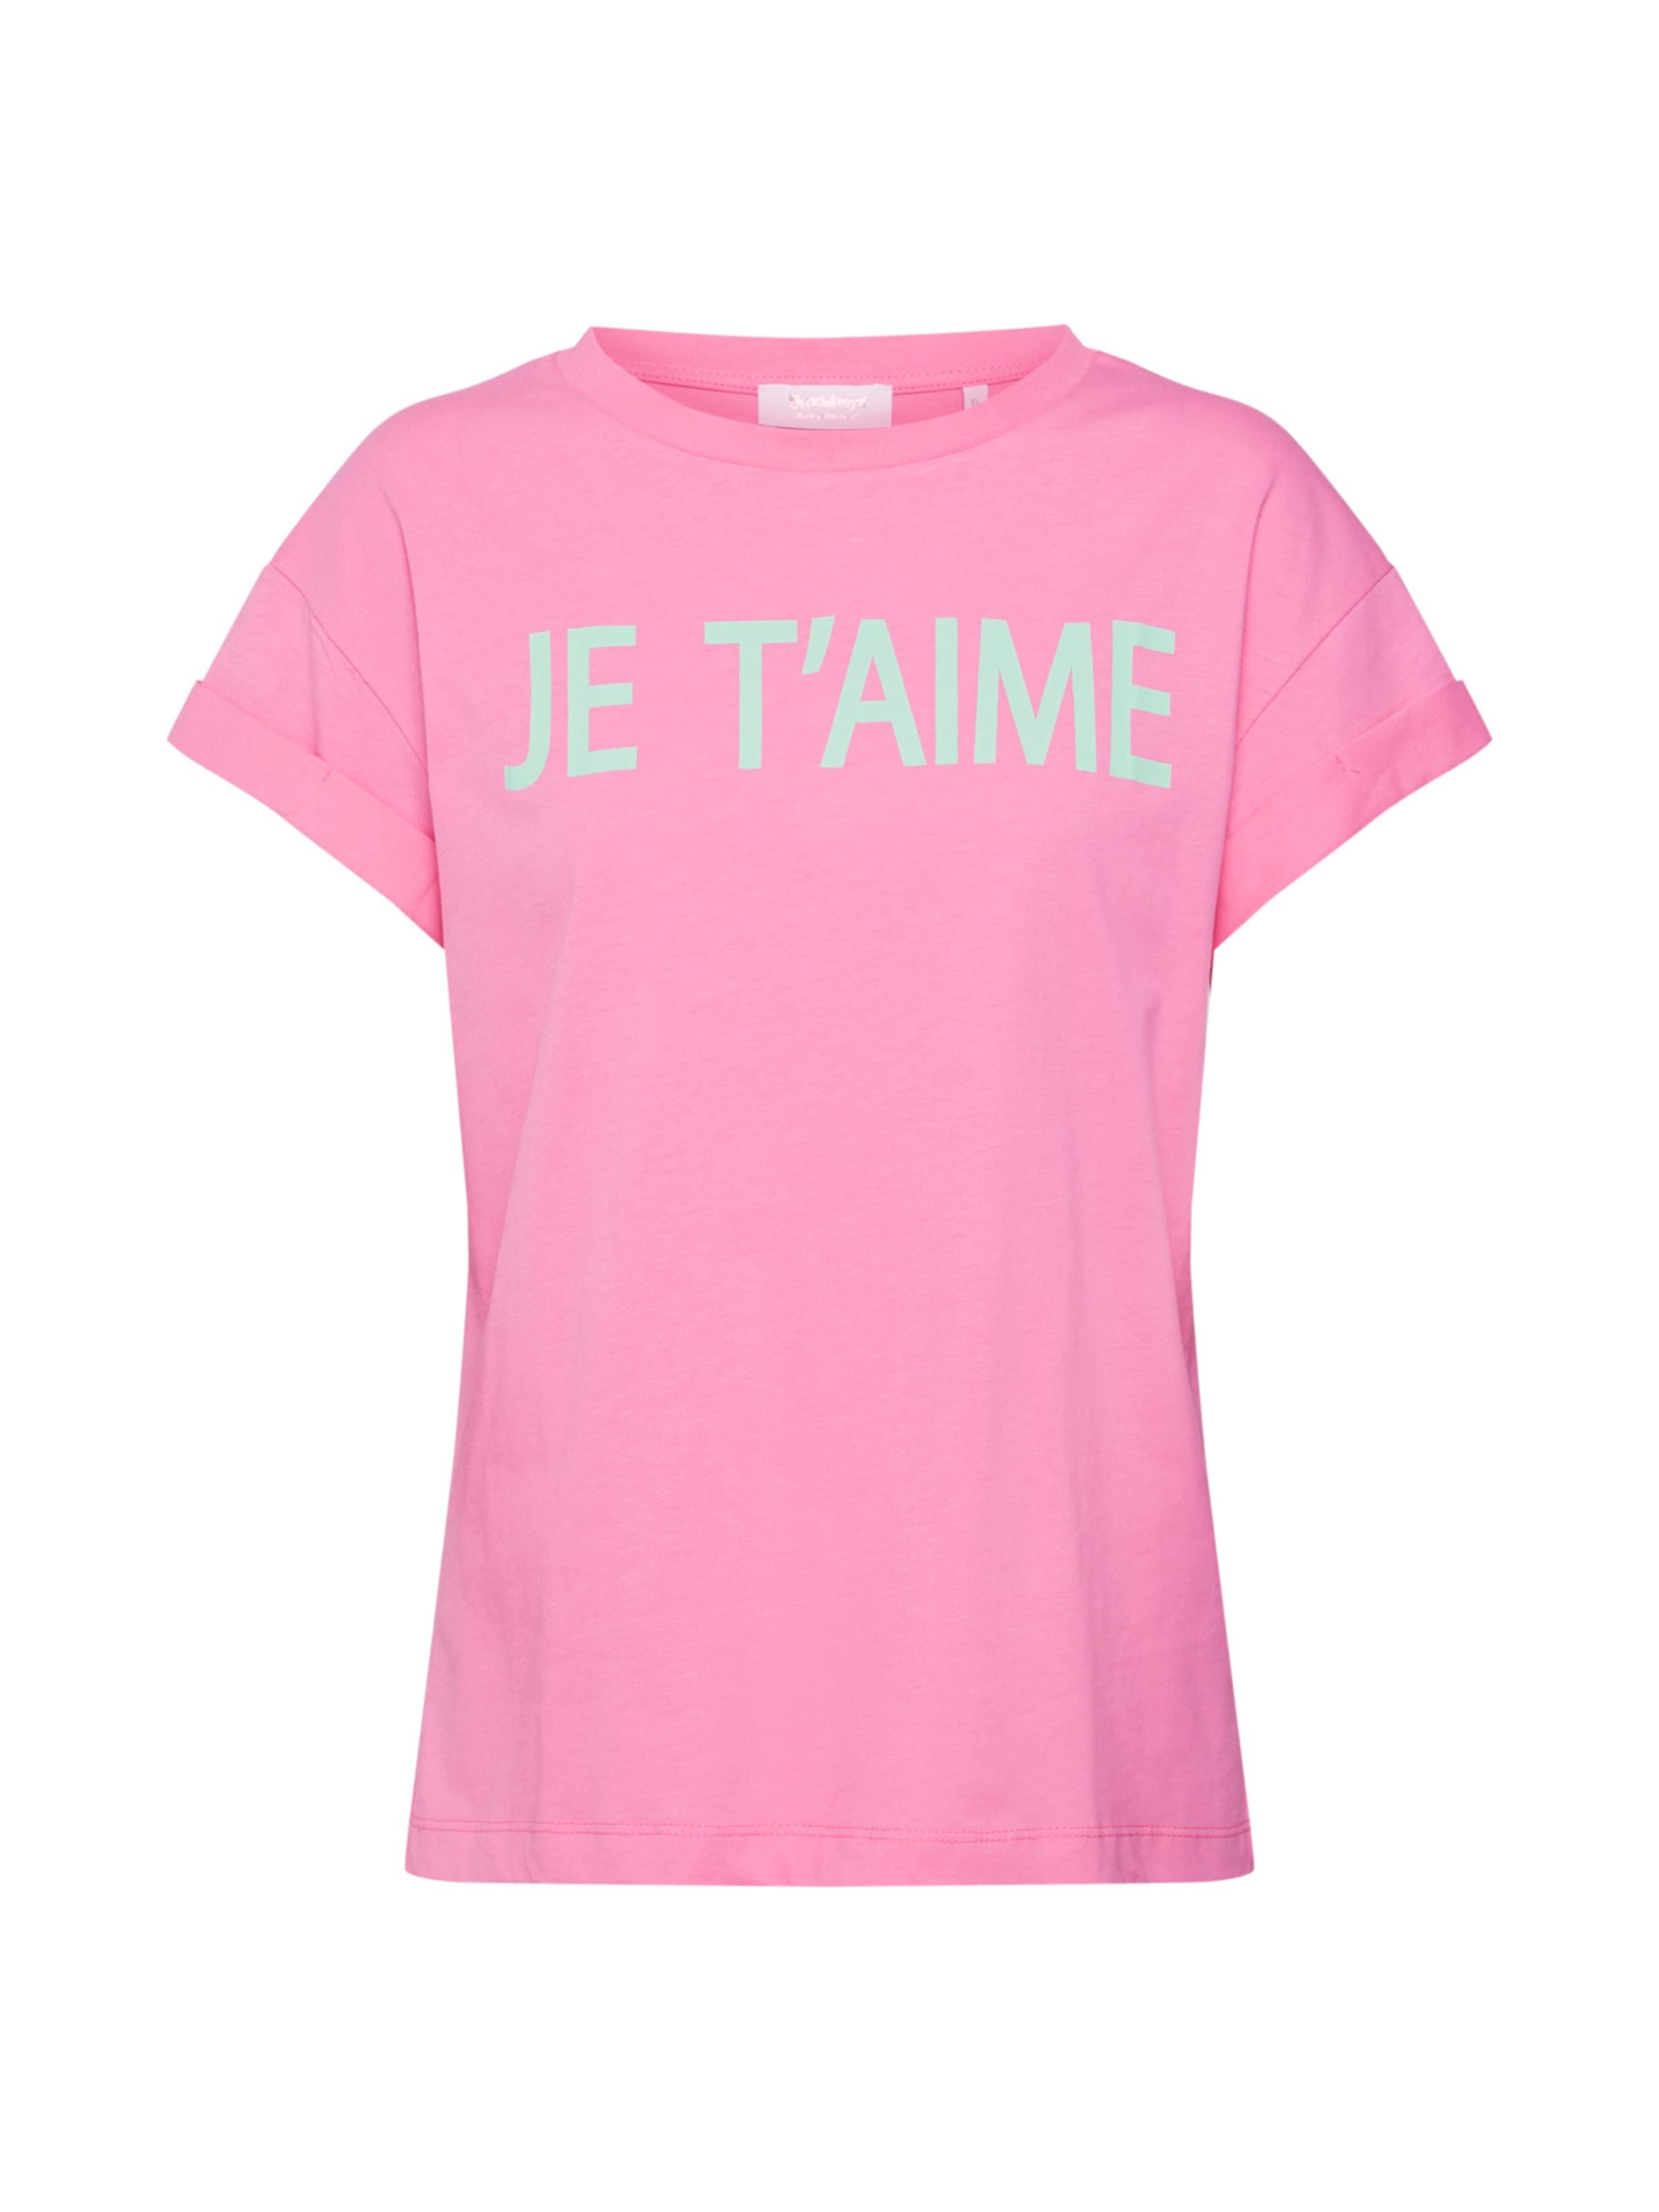 T Richamp; T'aime' shirt MentheRose En Royal 'je 8wmnNv0